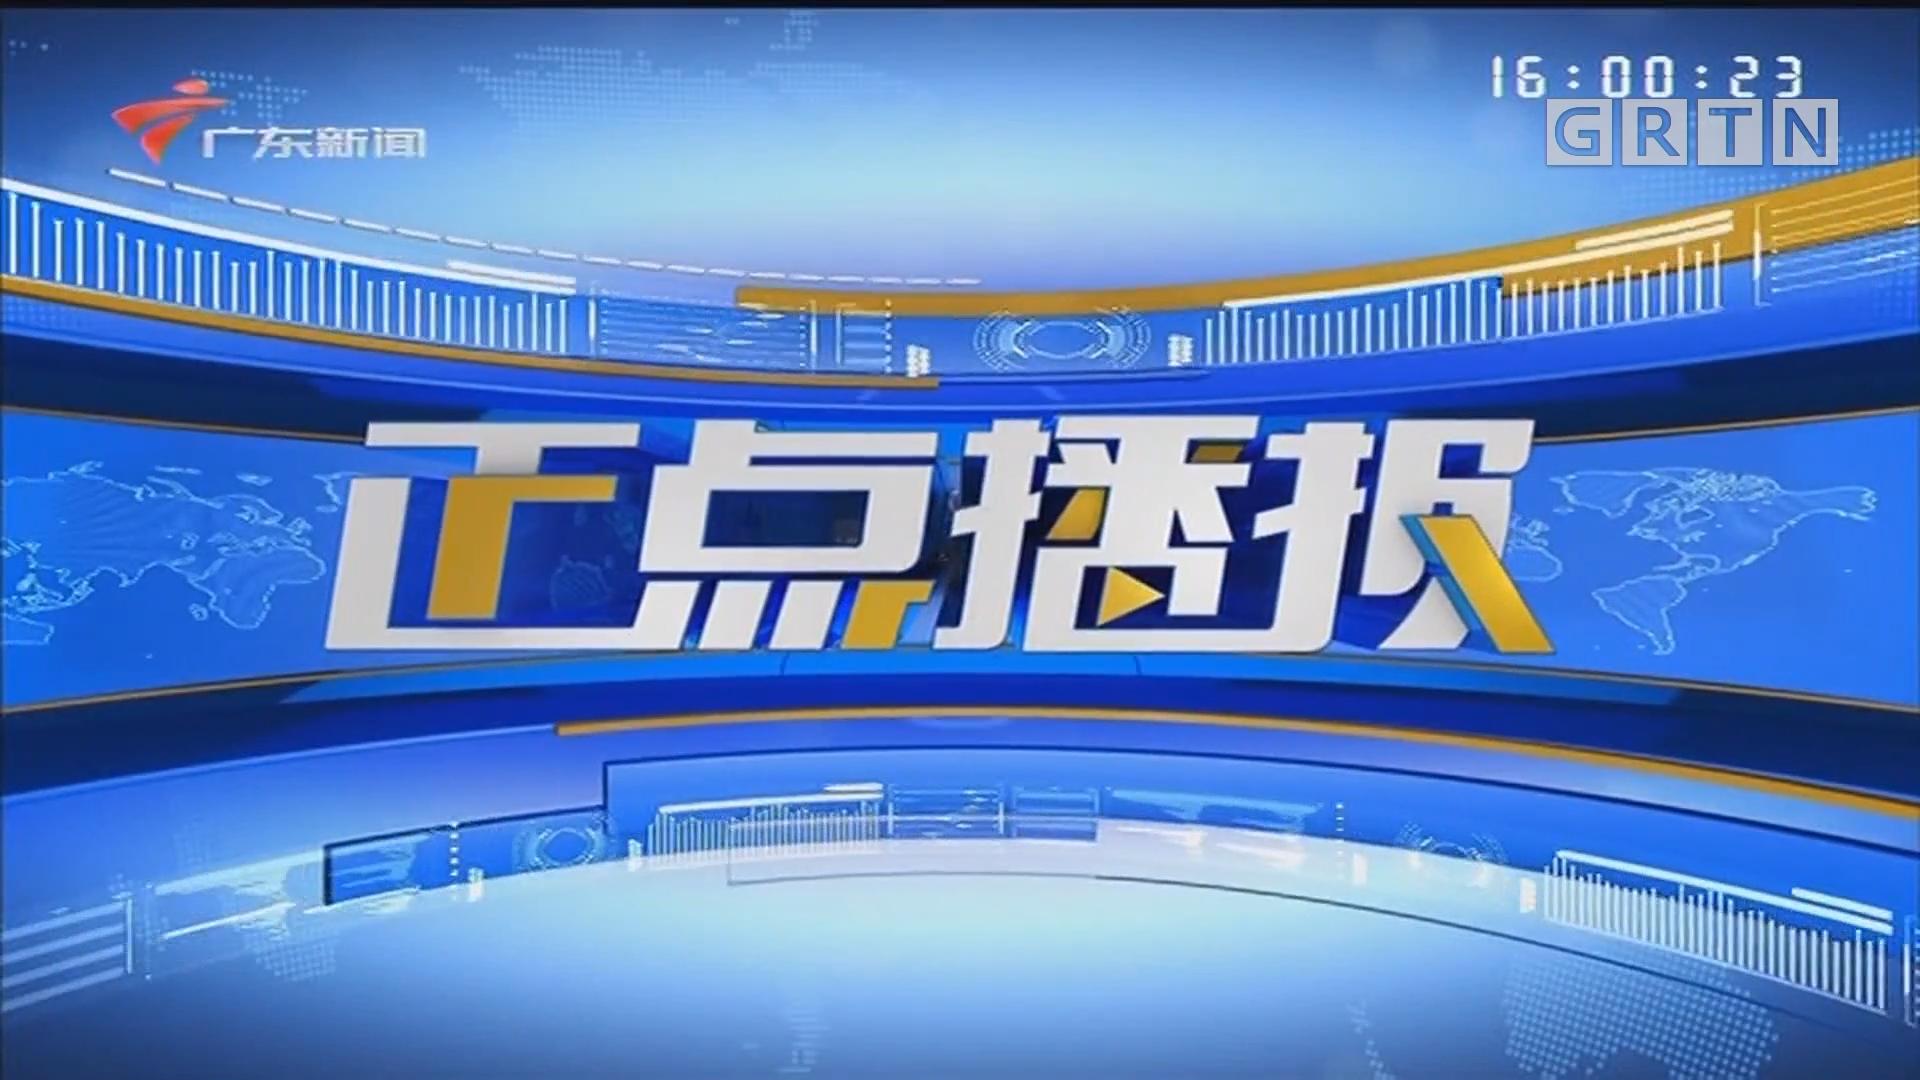 """[HD][2020-05-02-16:00]正點播報:上海:各大商圈推出豐富多樣促銷活動 助力""""五五購物節"""""""